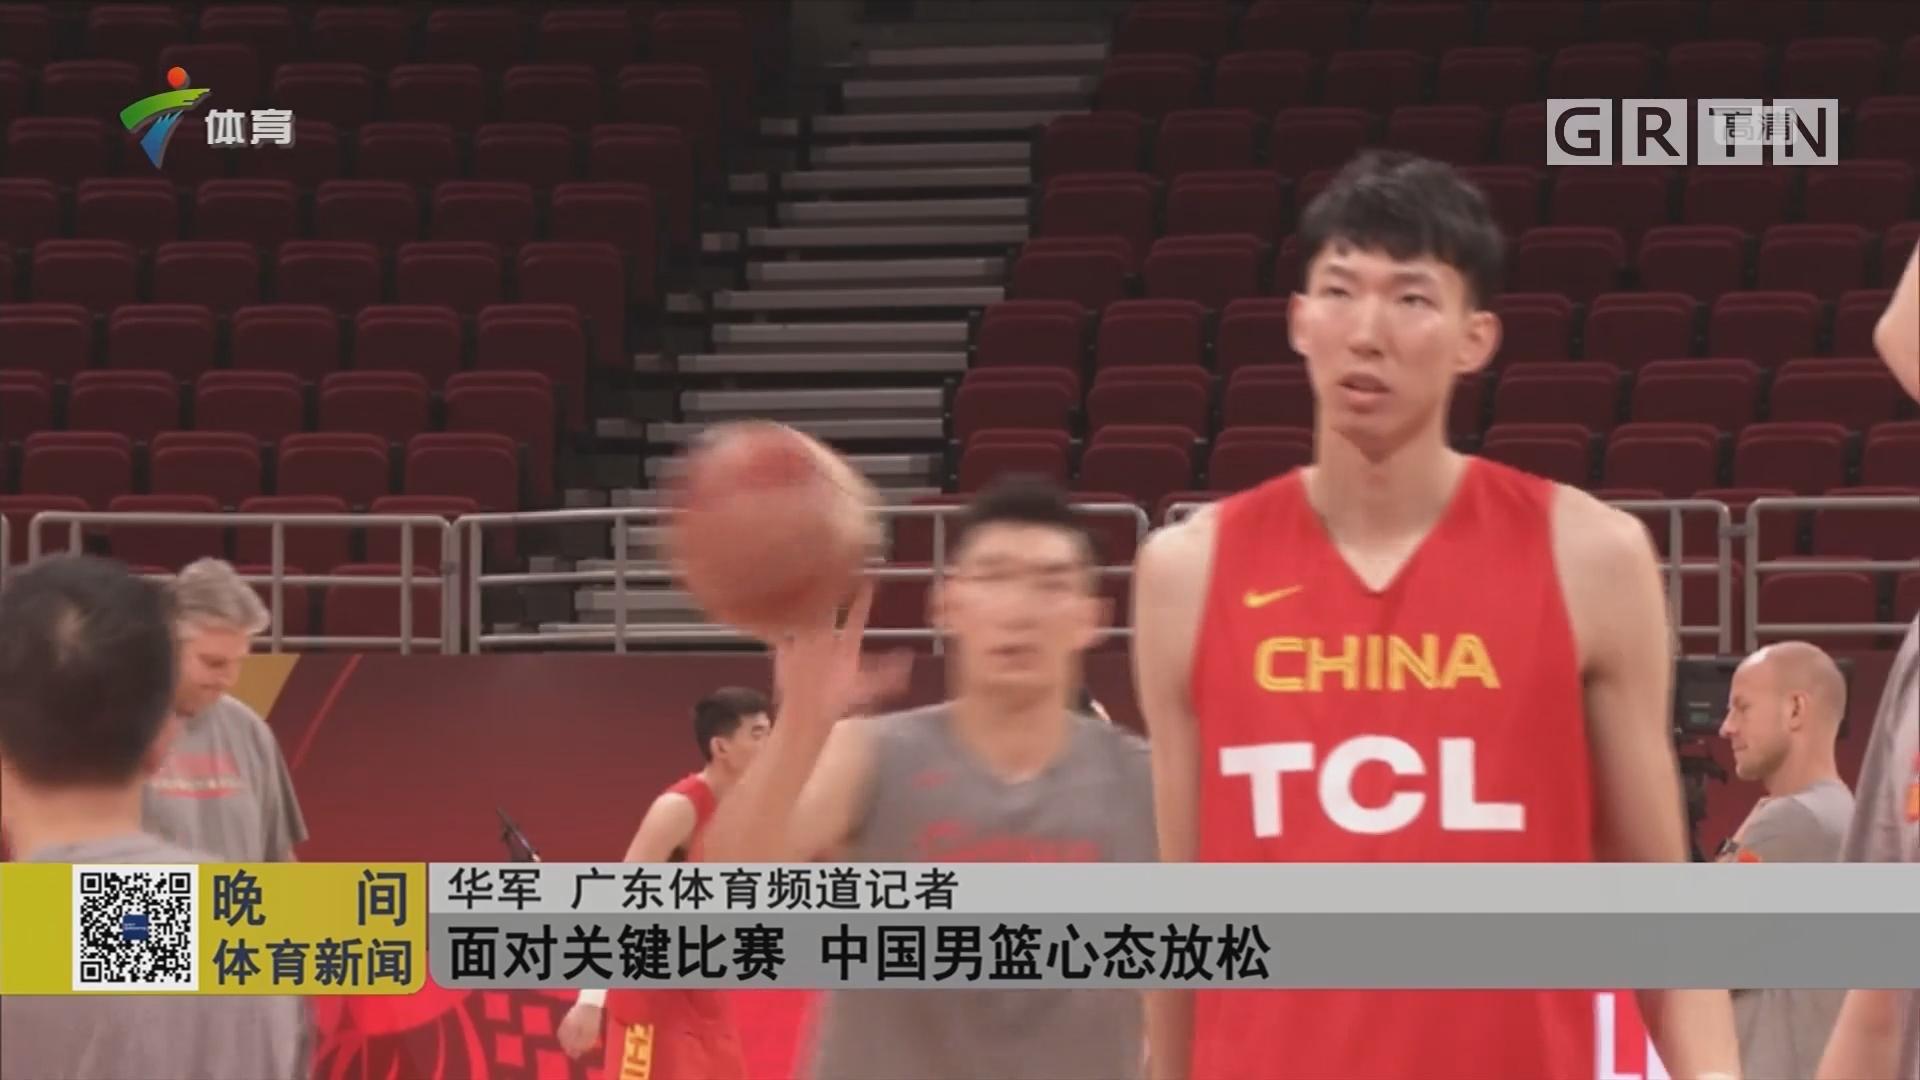 面对关键比赛 中国男篮心态放松